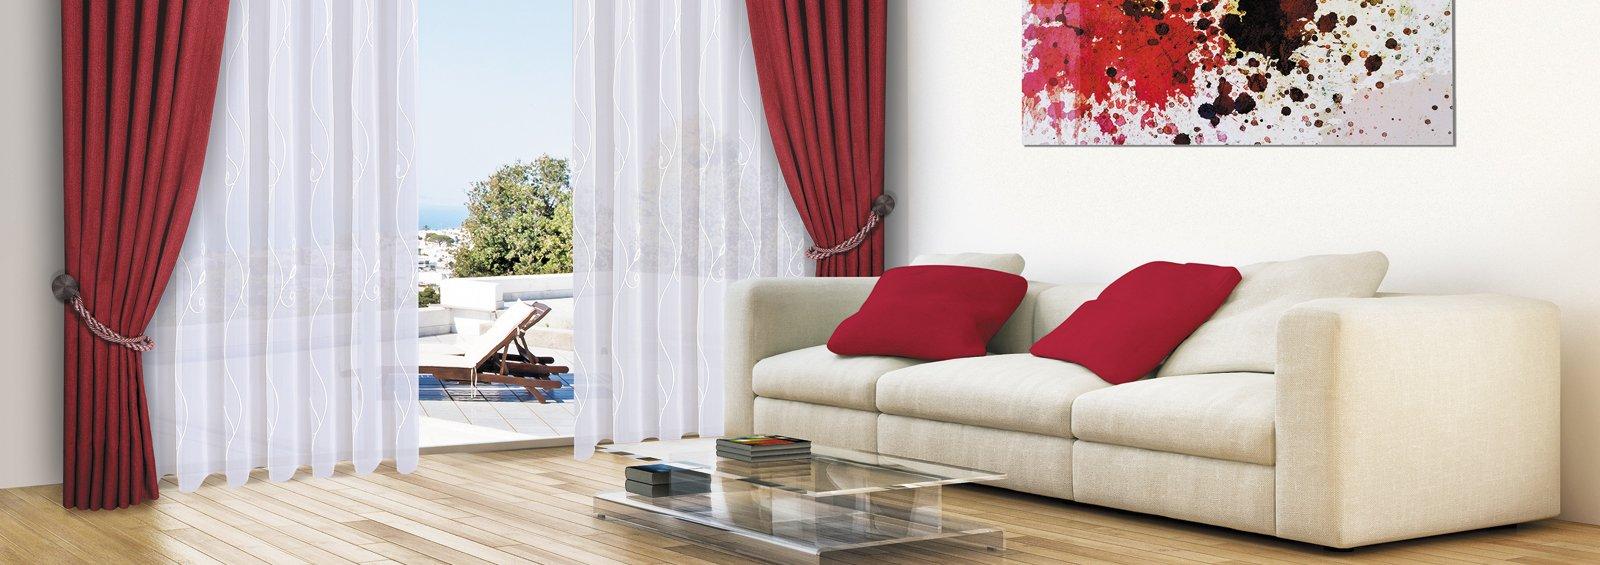 Full Size of Schlafzimmer Gardinen Kurz Amazon Ideen Ikea Verdunkelung Modern Set Vorhnge Gnstig Online Kaufen Komplett Günstig Für Wohnzimmer Massivholz Kronleuchter Wohnzimmer Schlafzimmer Gardinen